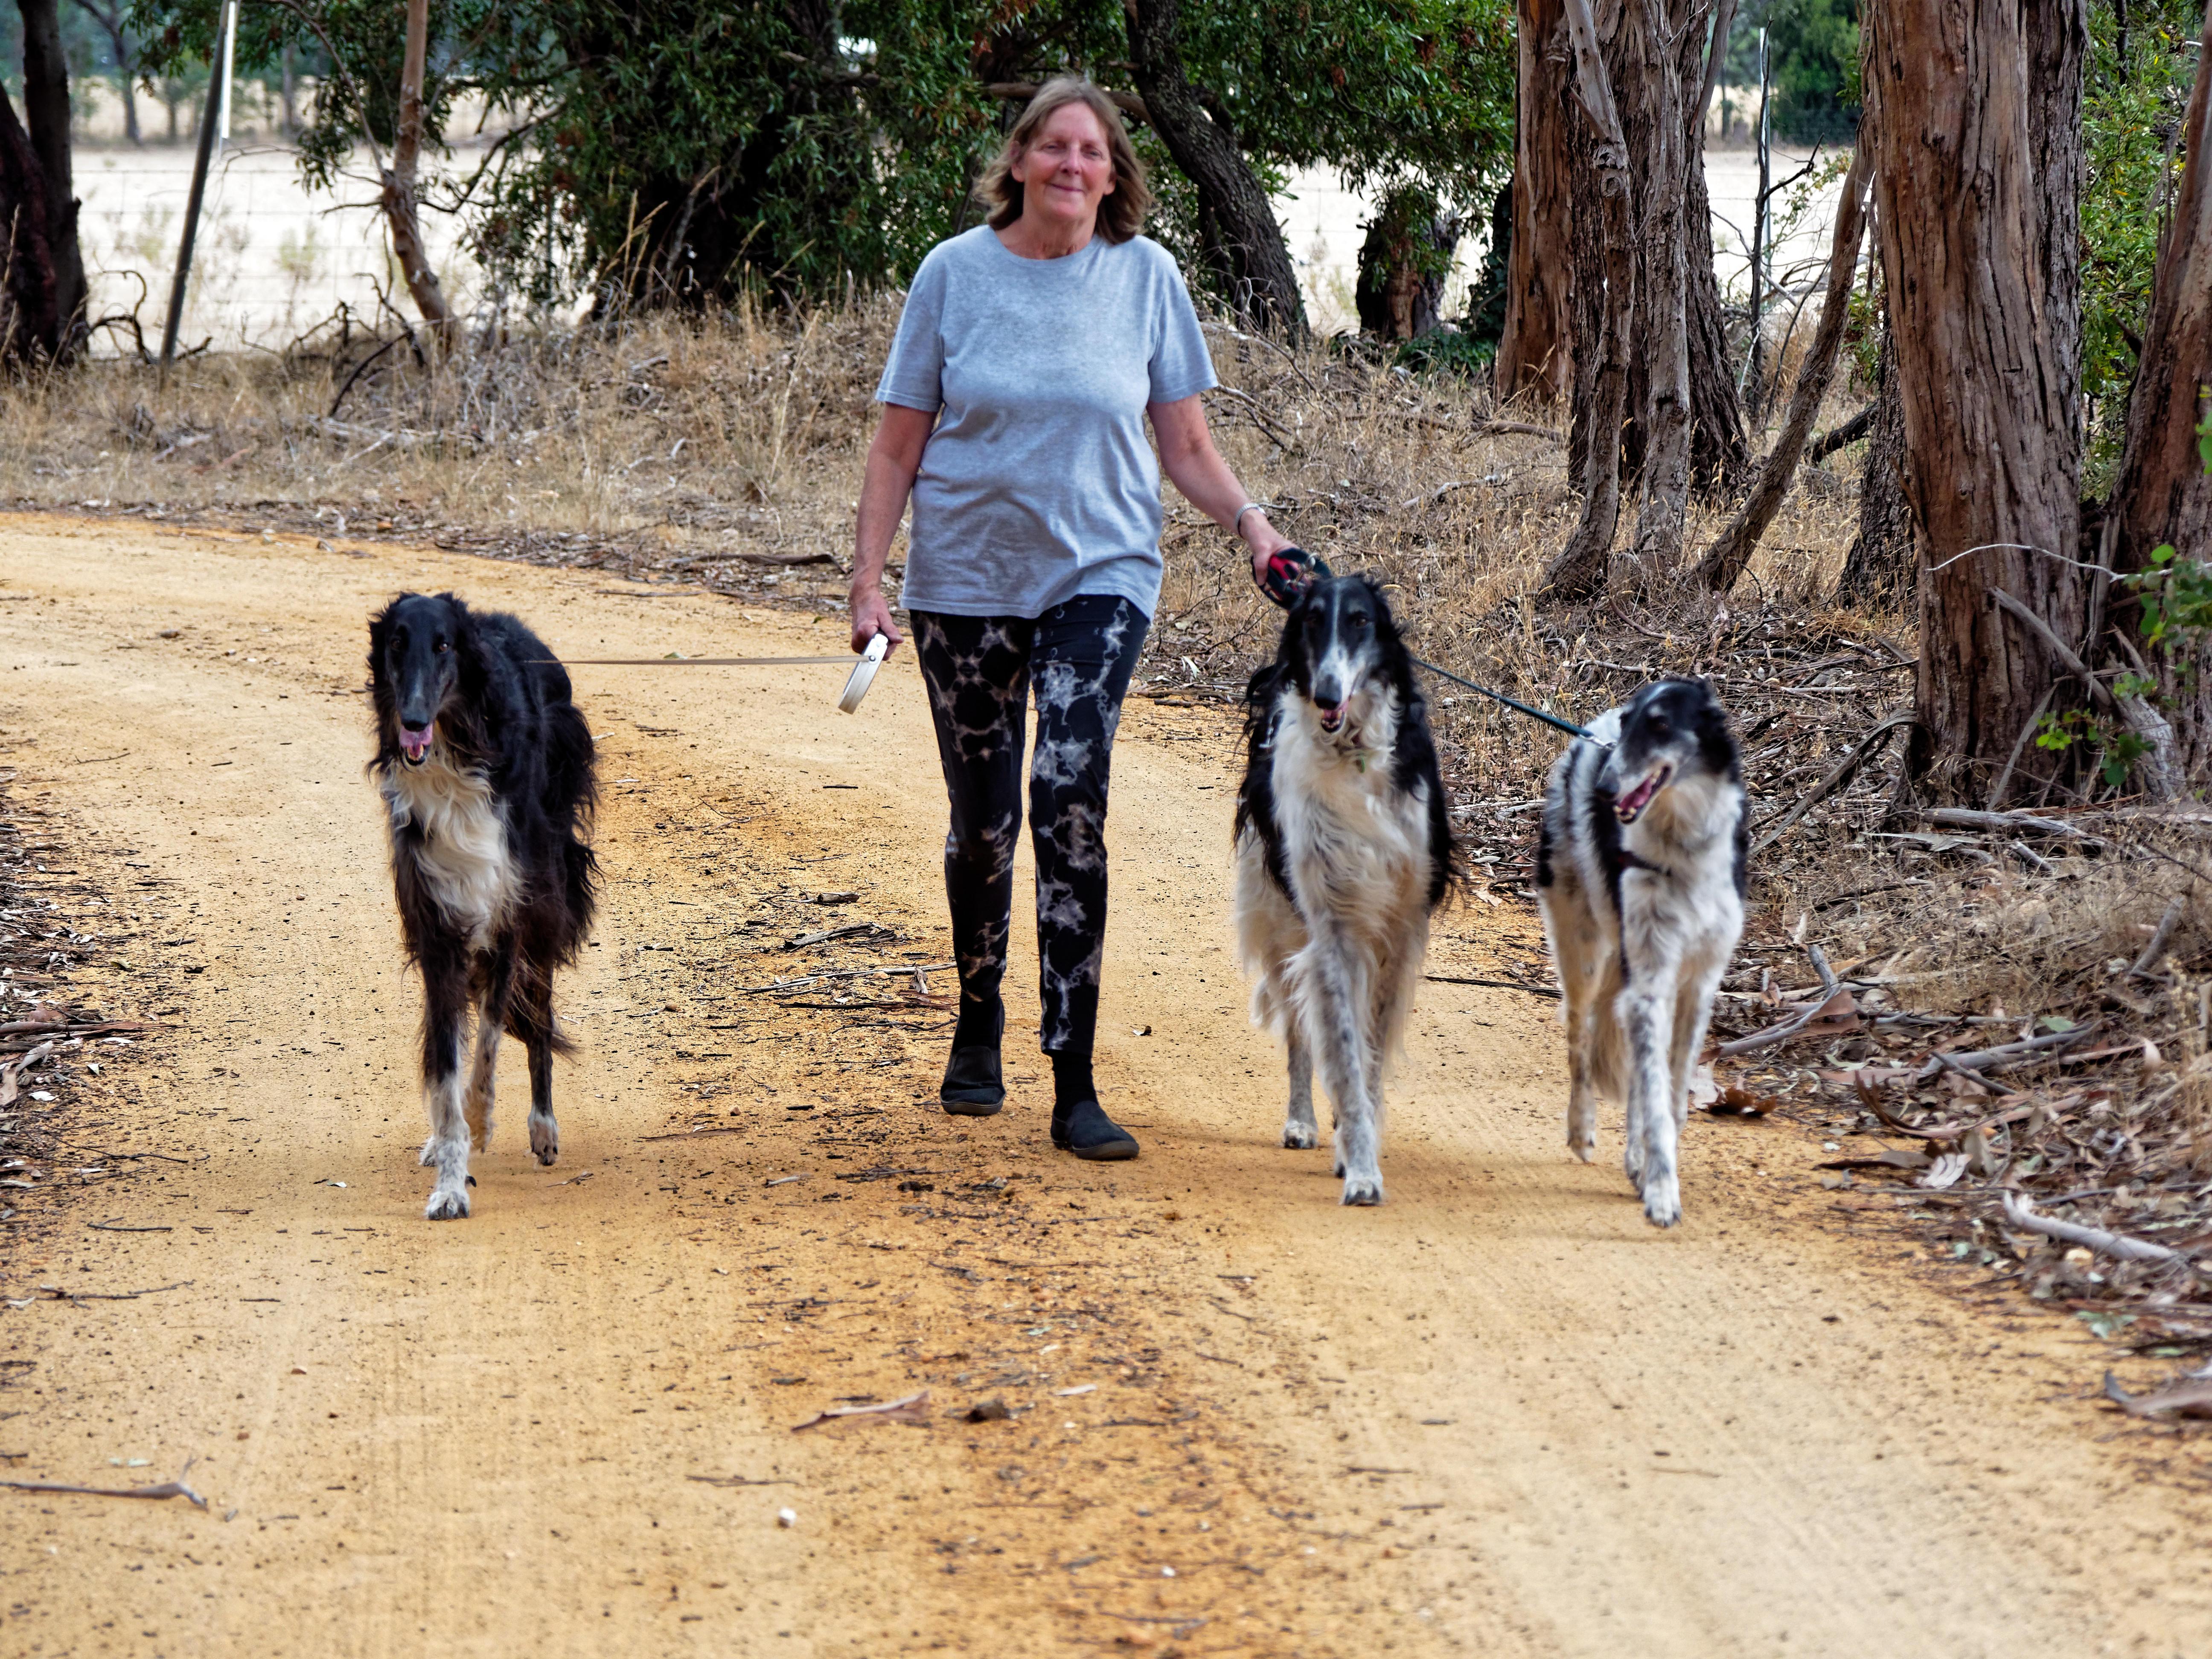 Walking-dogs-86.jpeg